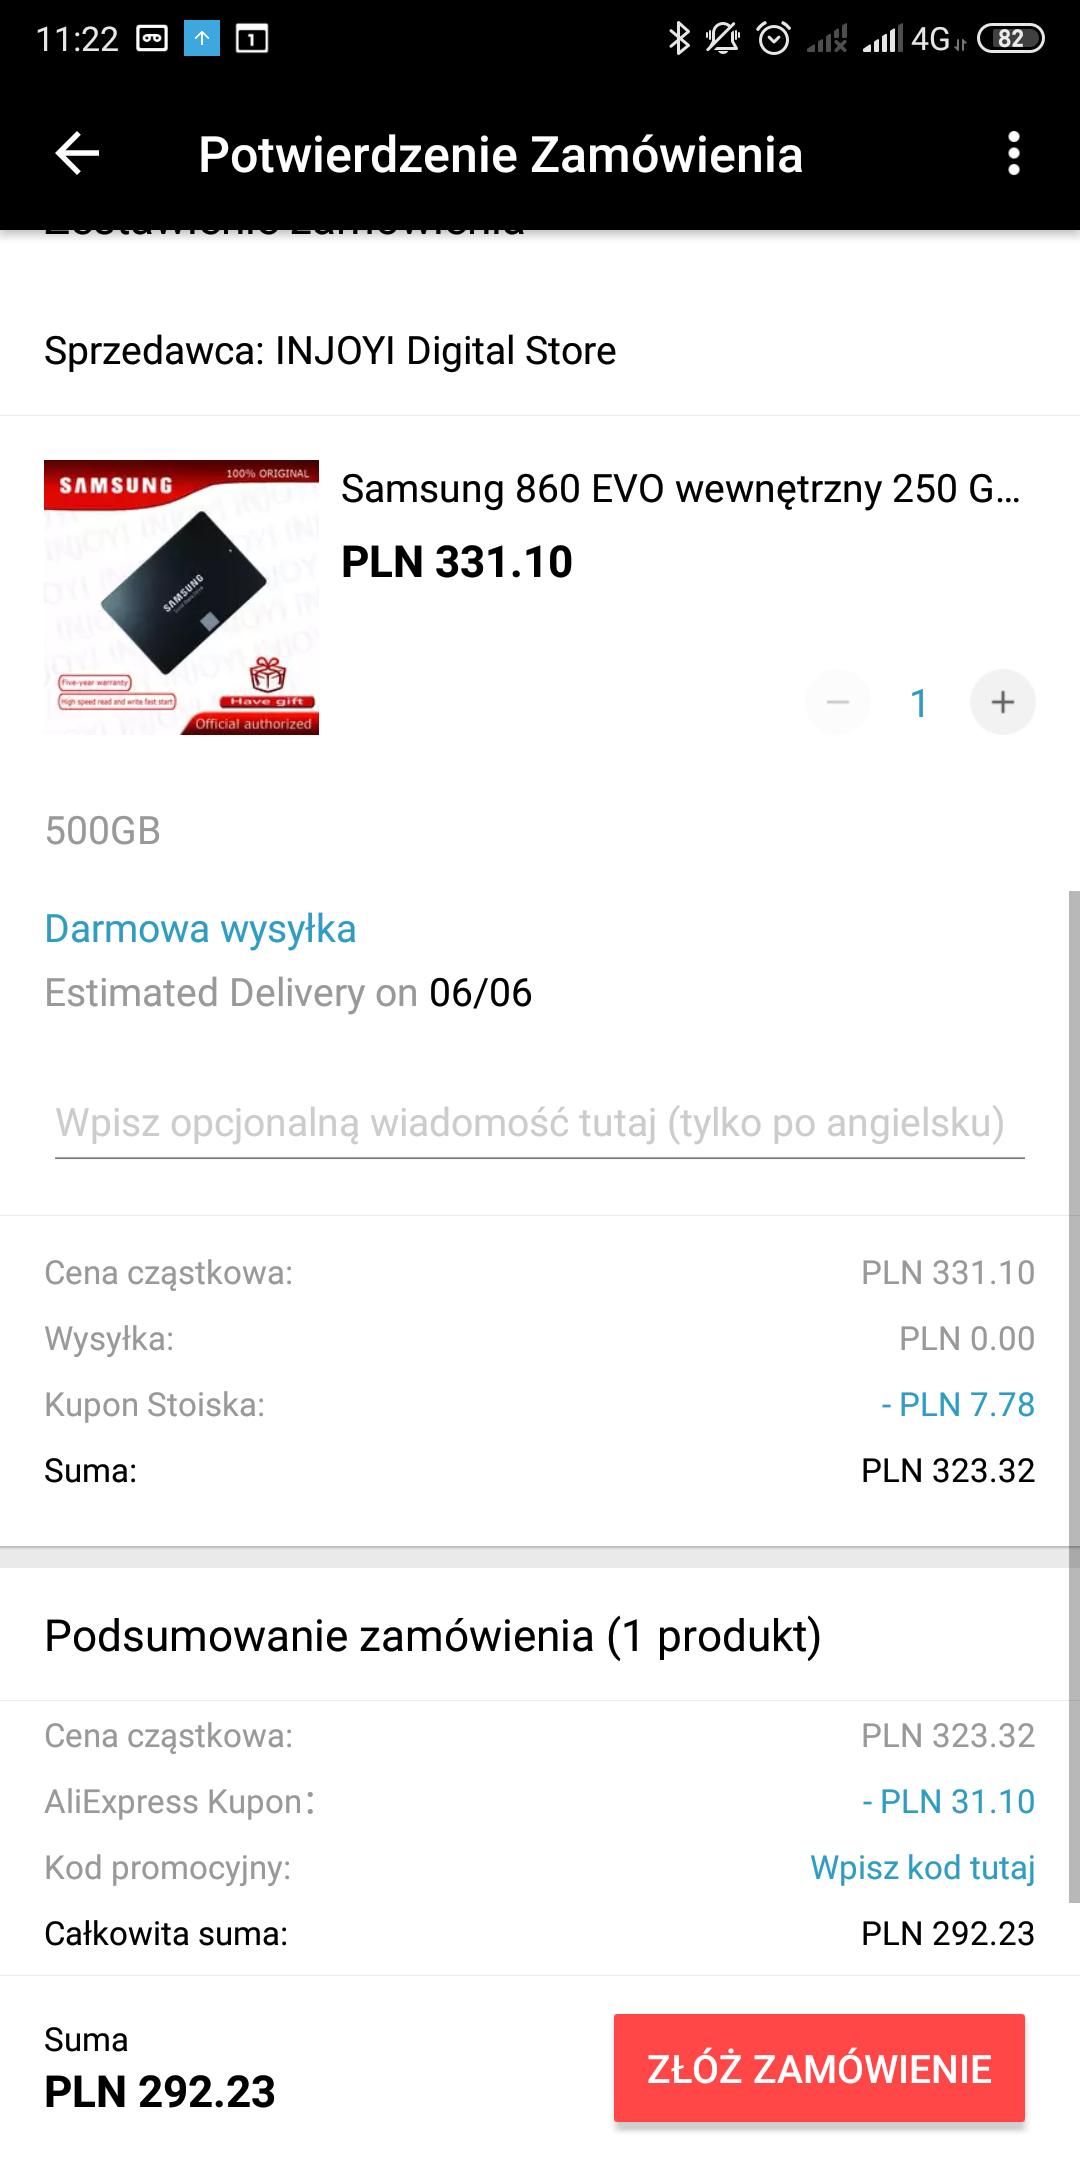 SSD Samsung 860 Evo 500GB możliwe 284,45zł.